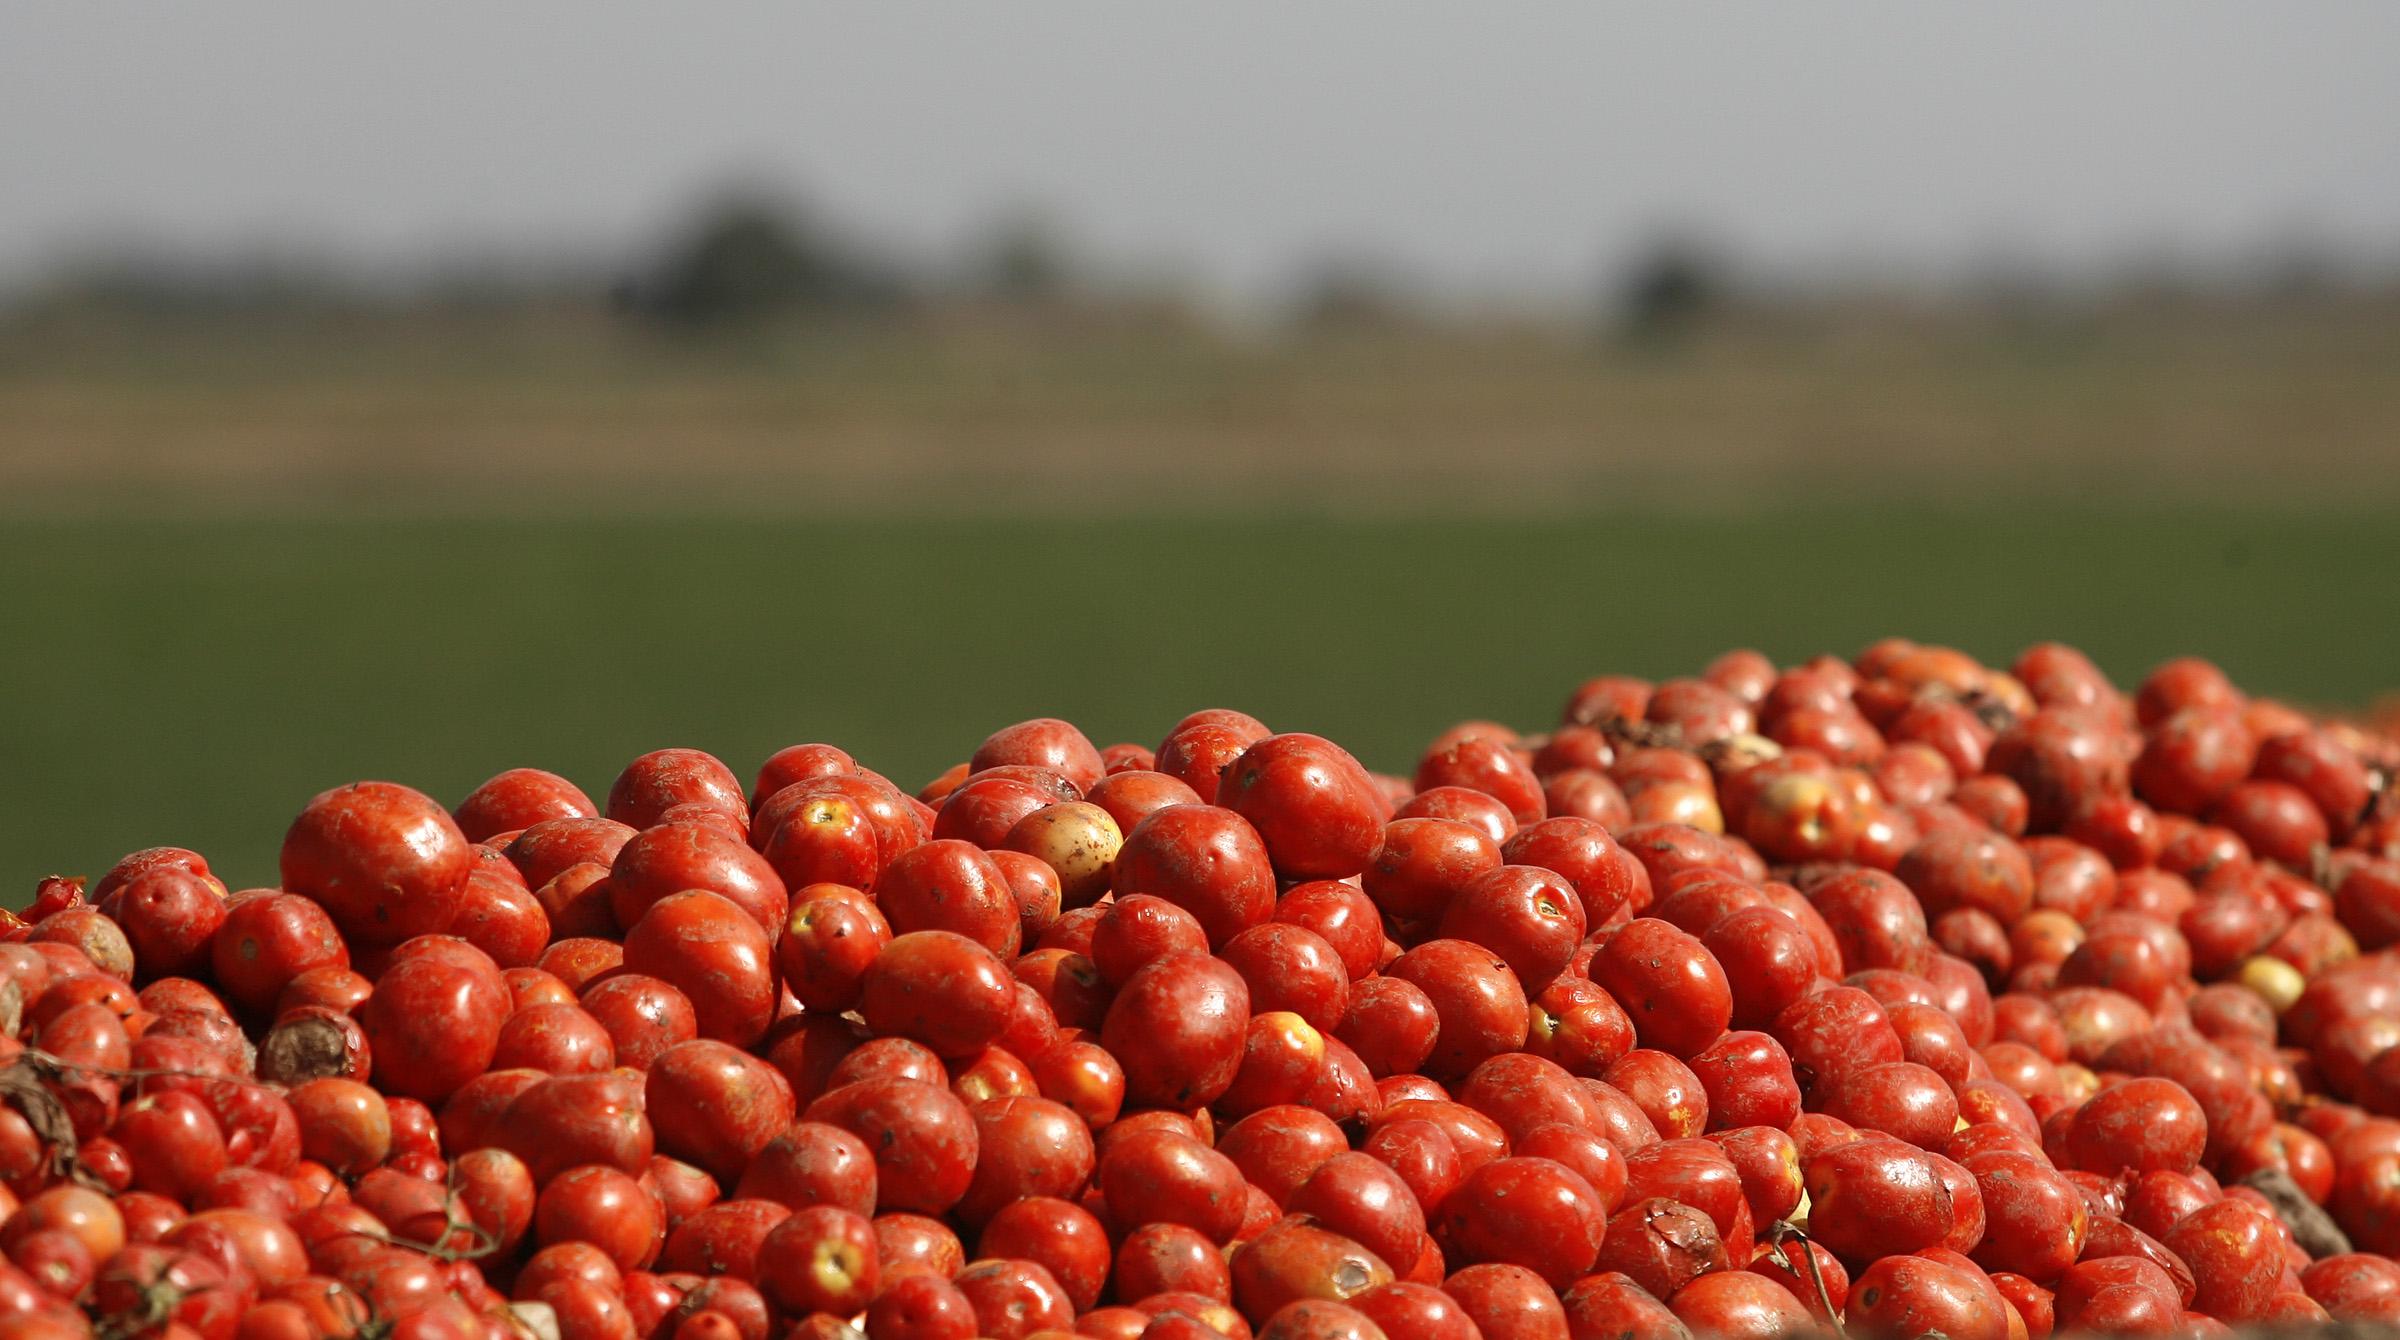 هر کیلو گوجه در شیراز به ۱۶ هزار تومان رسید